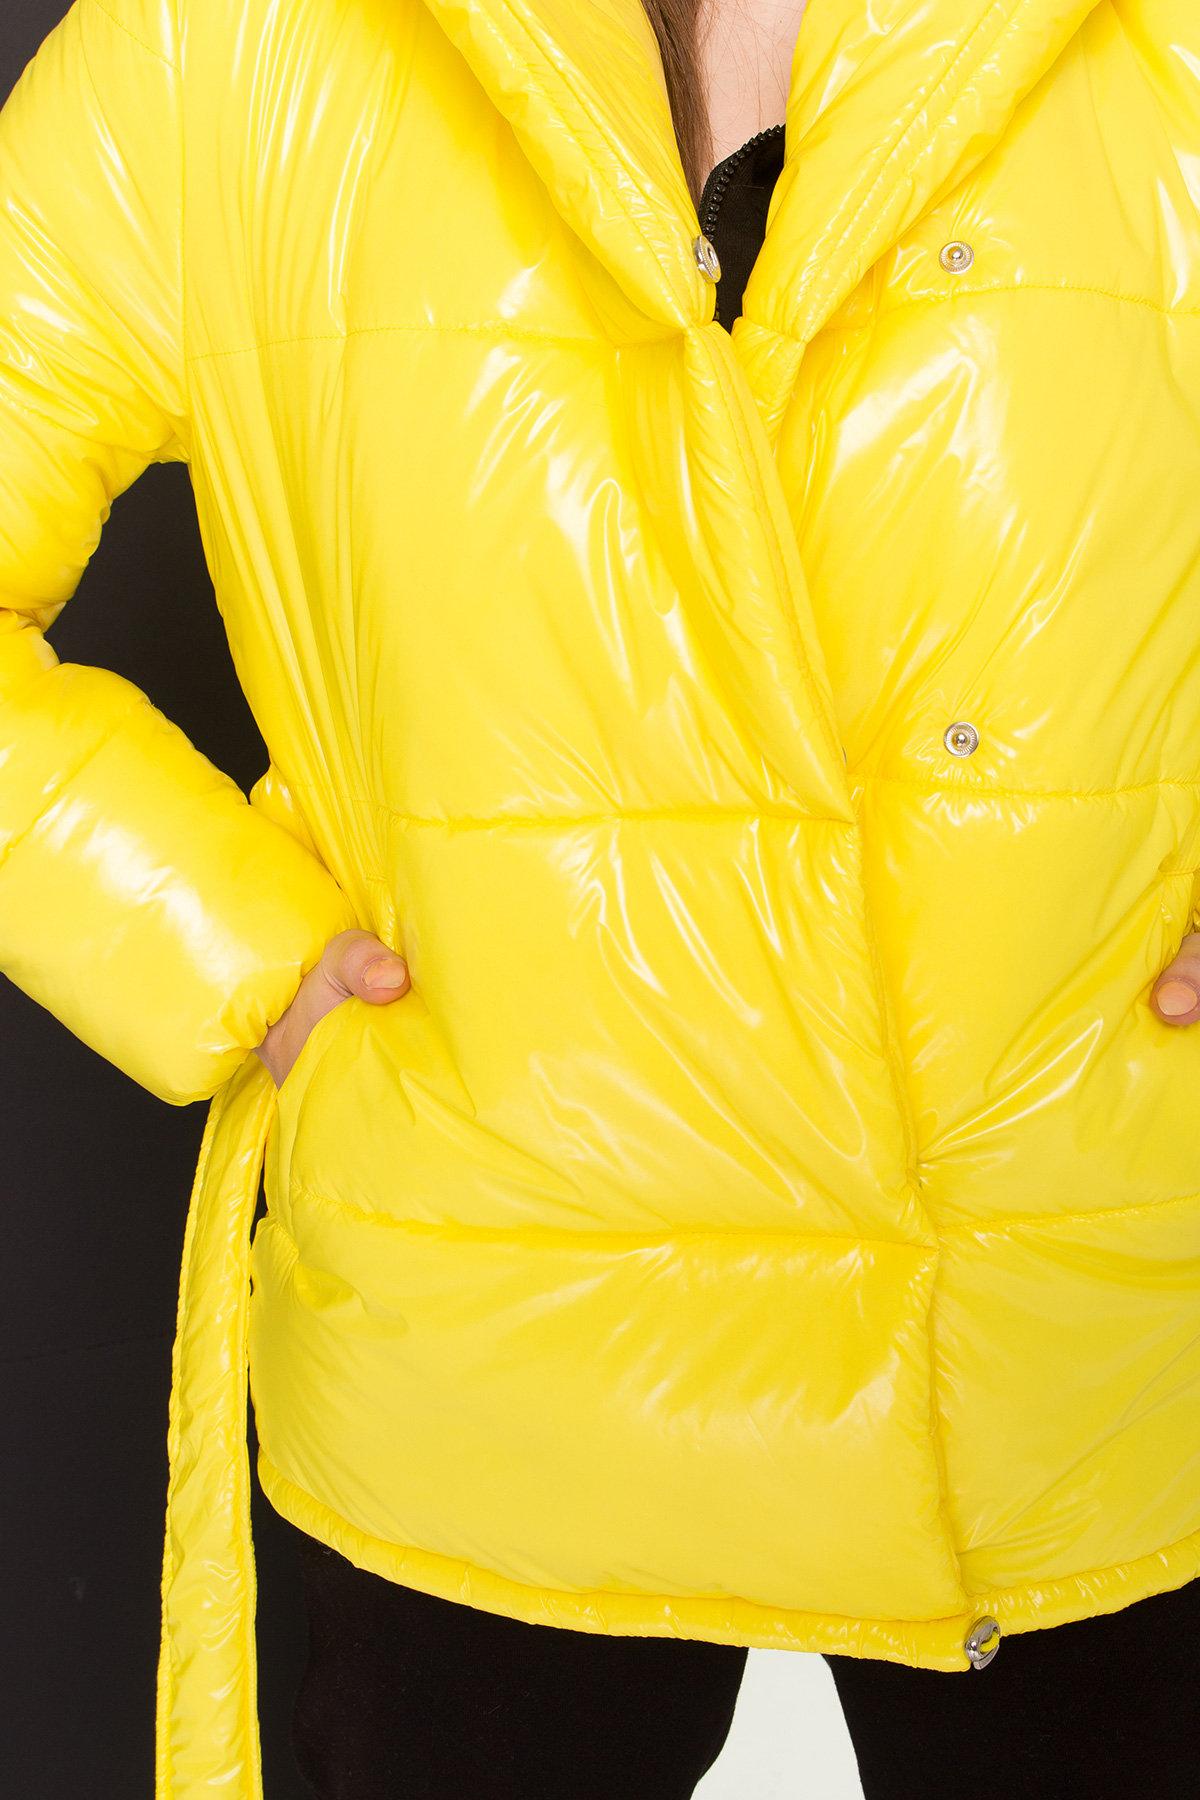 Лаковая куртка пуховик с поясом Бумер 8696 АРТ. 45243 Цвет: т.серый/желтый/черный - фото 8, интернет магазин tm-modus.ru